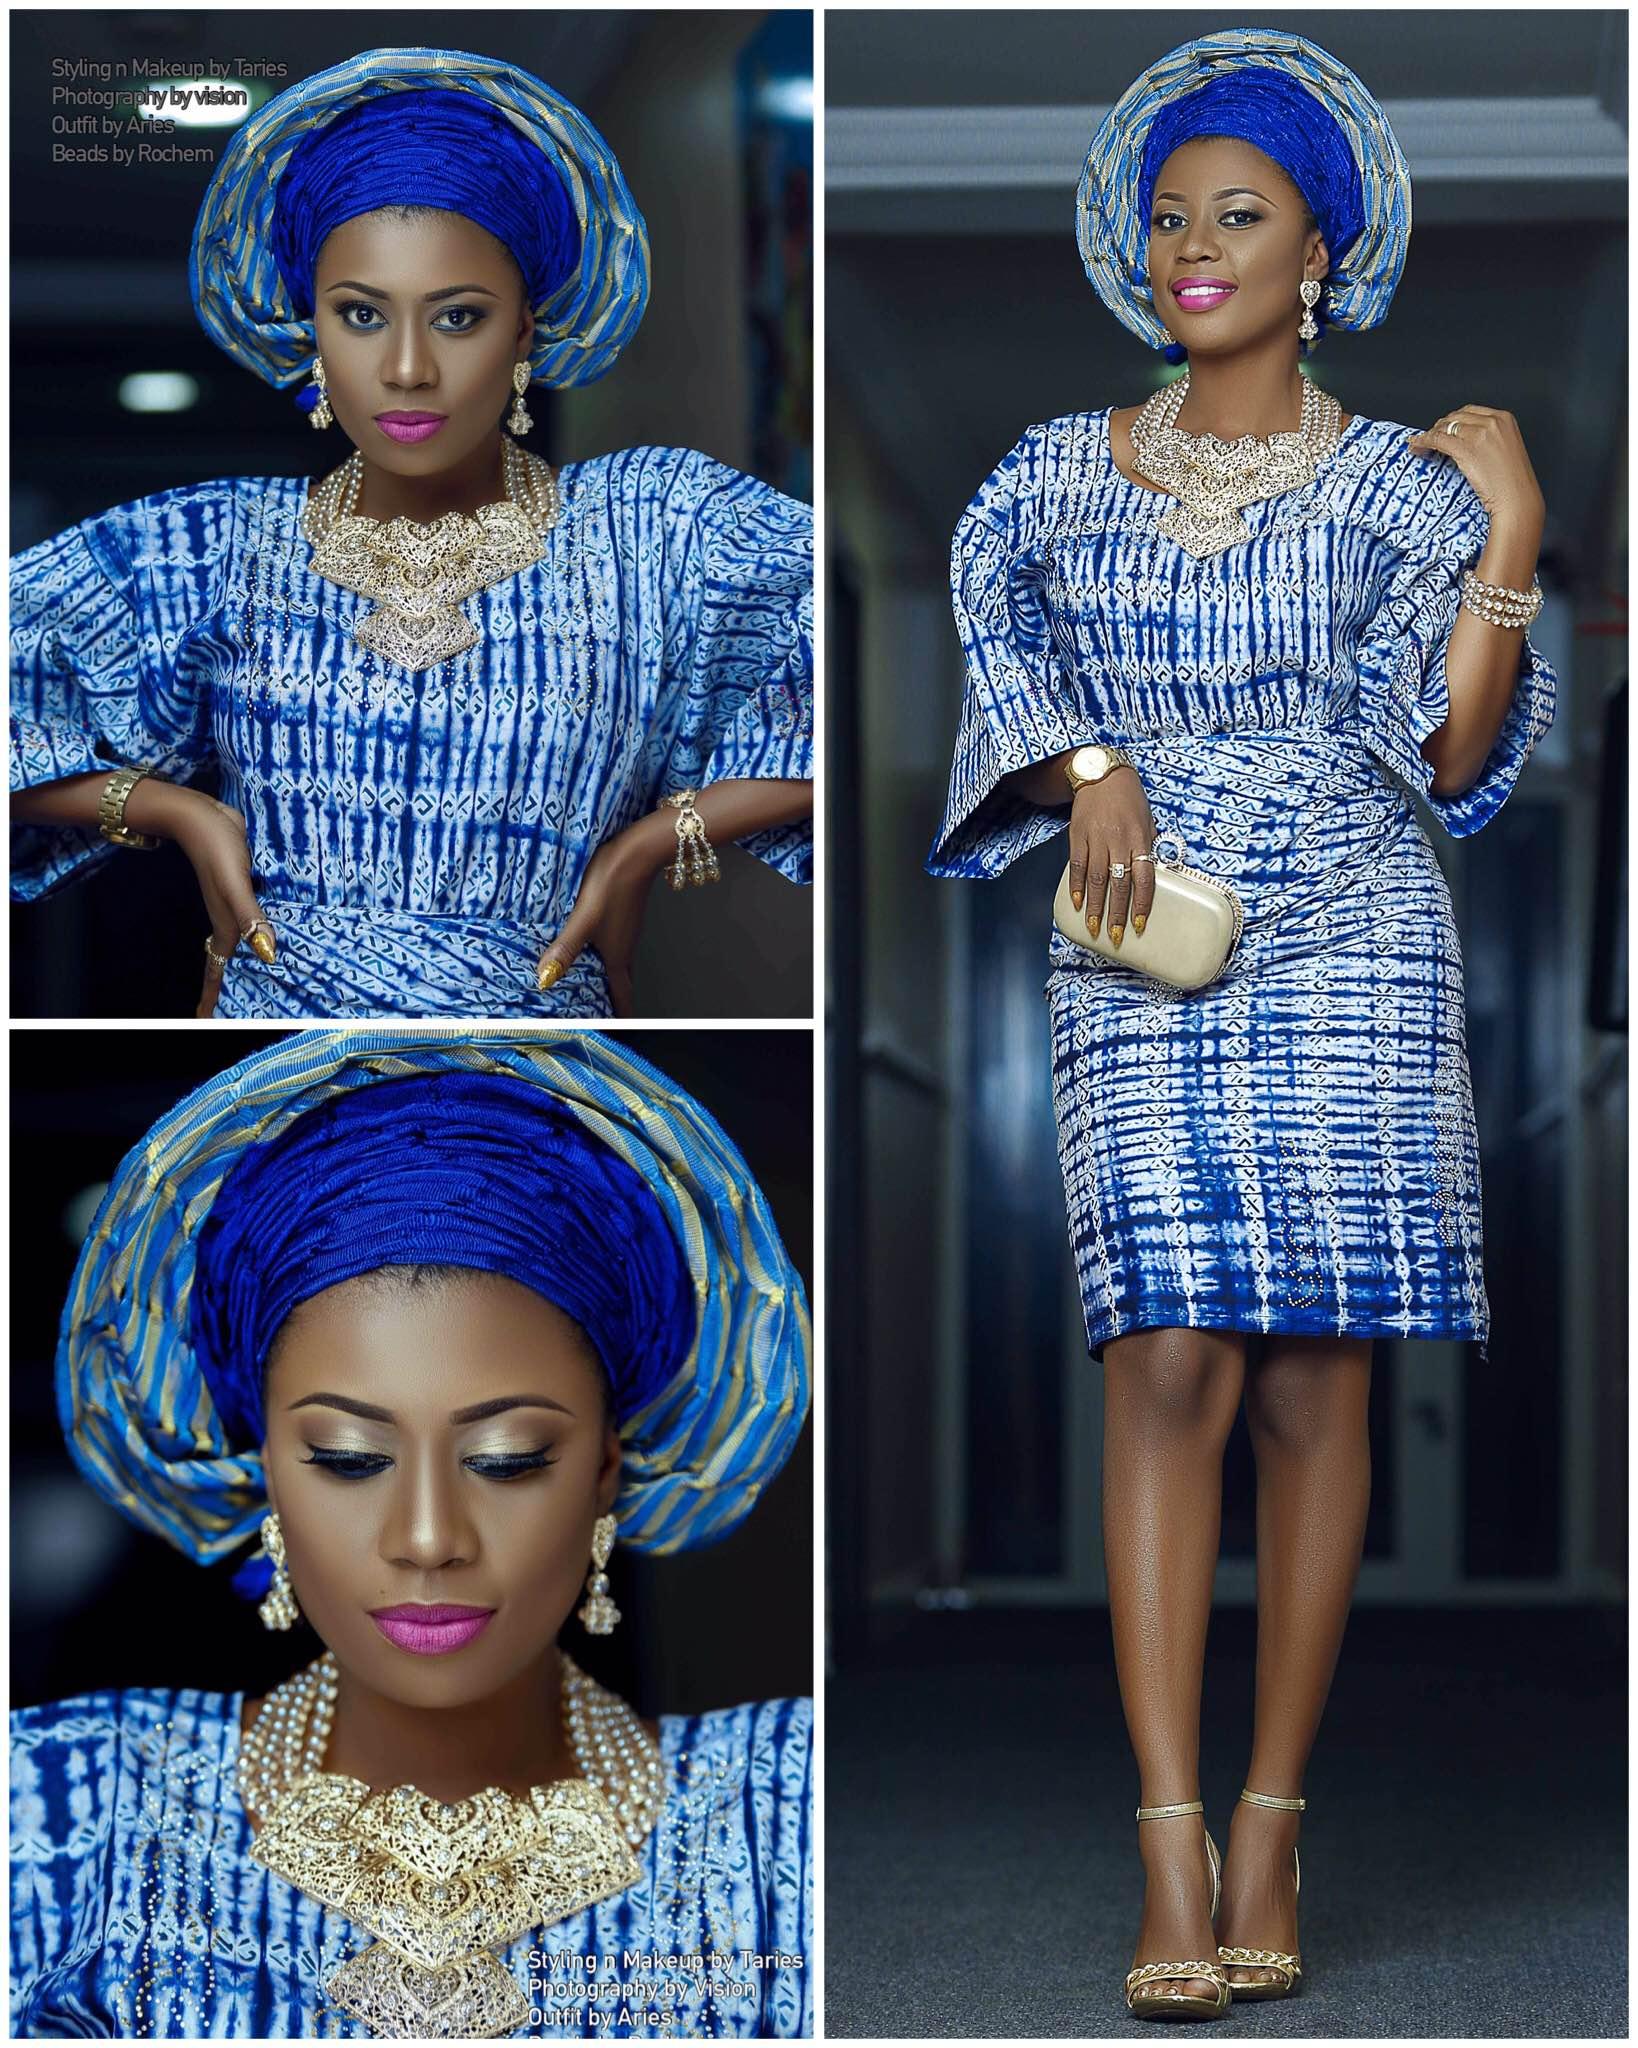 Ghanian Selly Galley Stuns in Nigerian Yoruba Attire